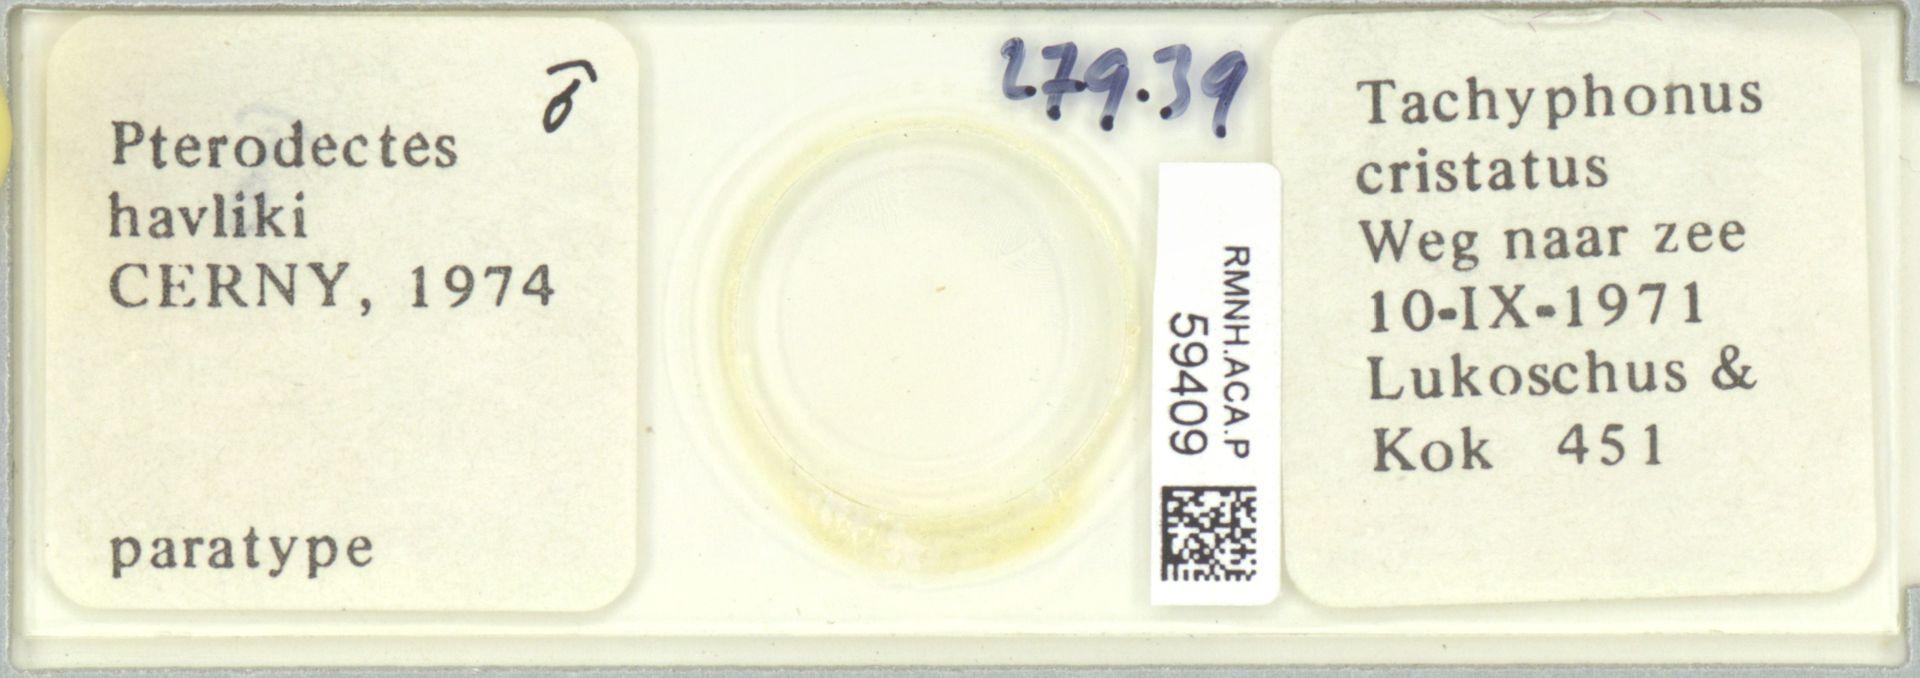 RMNH.ACA.P.59409 | Pterodectes havliki Cerny, 1974